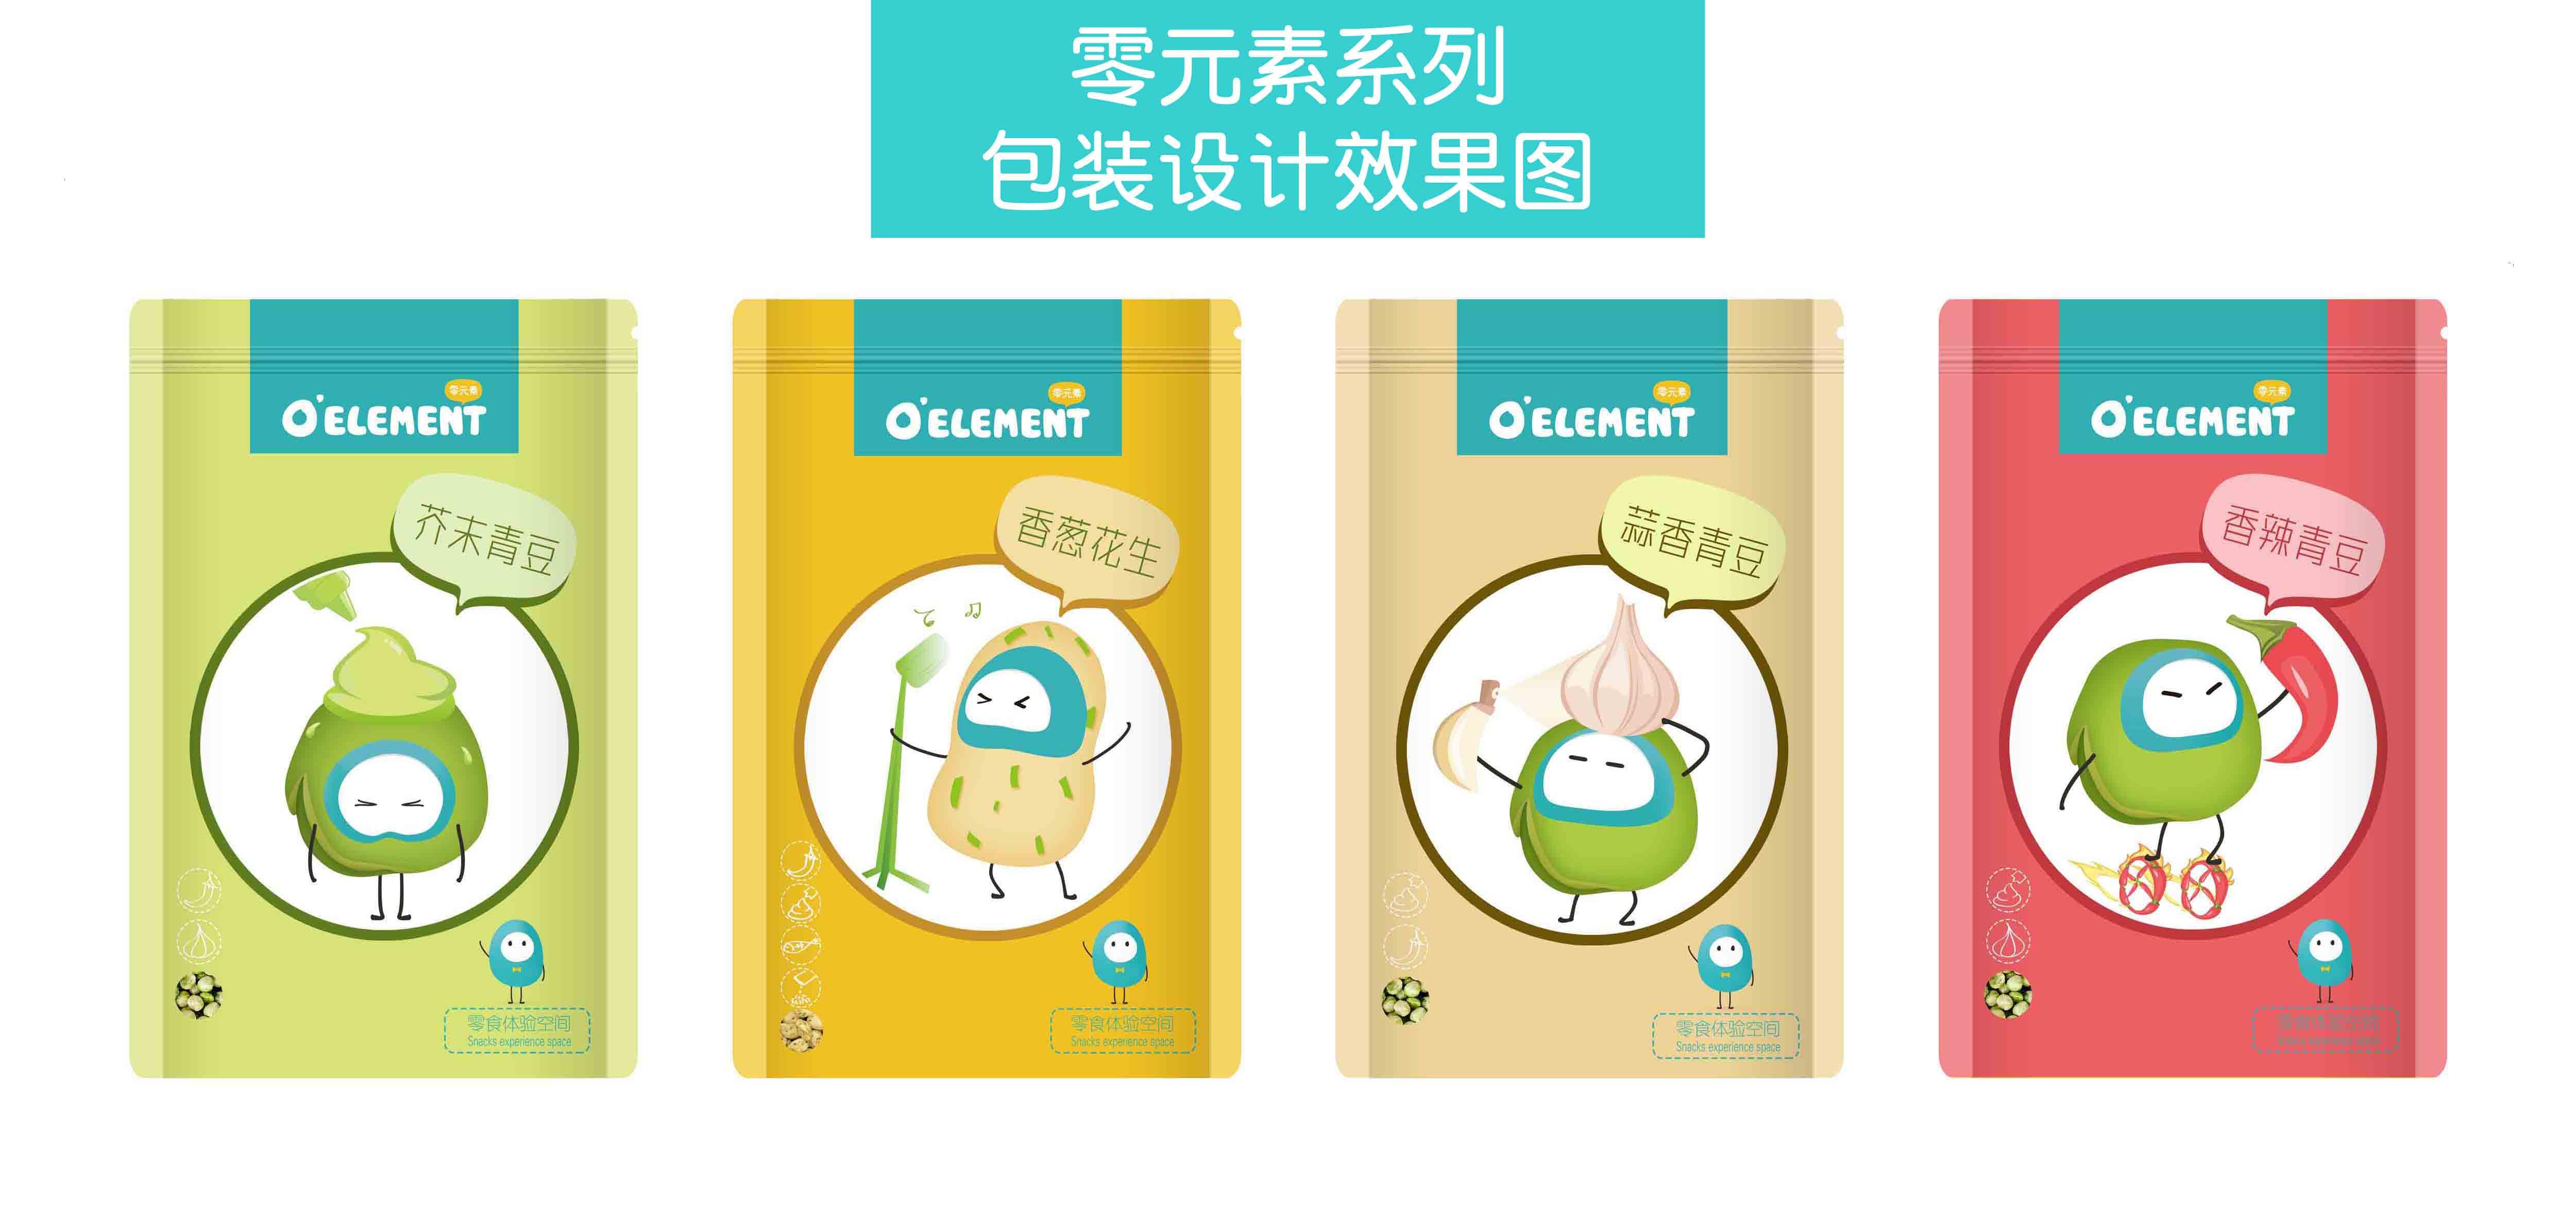 零元素系列包装/产品手册/售后卡设计图片